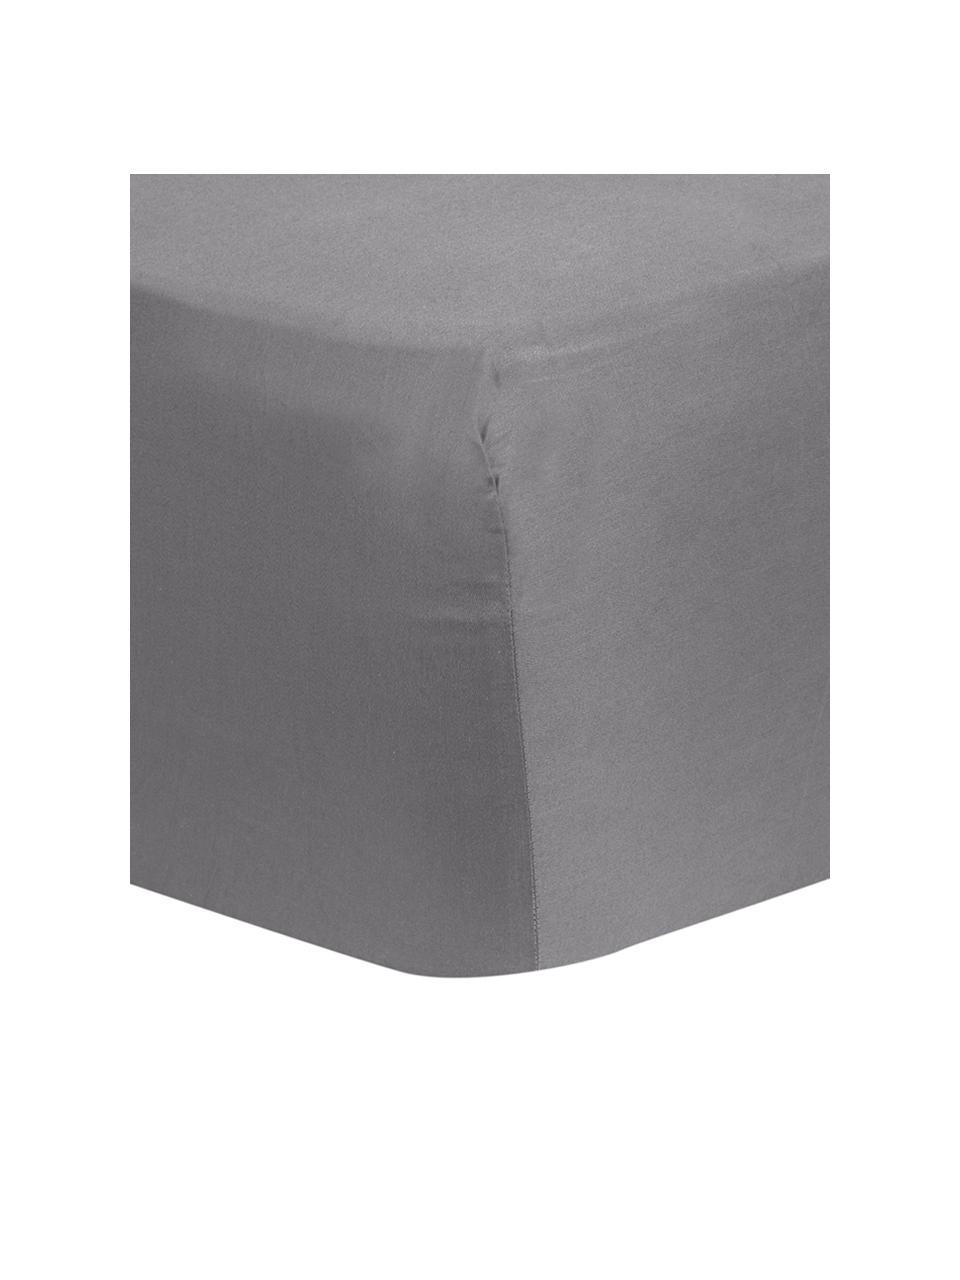 Boxspring-Spannbettlaken Comfort in Dunkelgrau, Baumwollsatin, Webart: Satin, leicht glänzend, Dunkelgrau, 200 x 200 cm